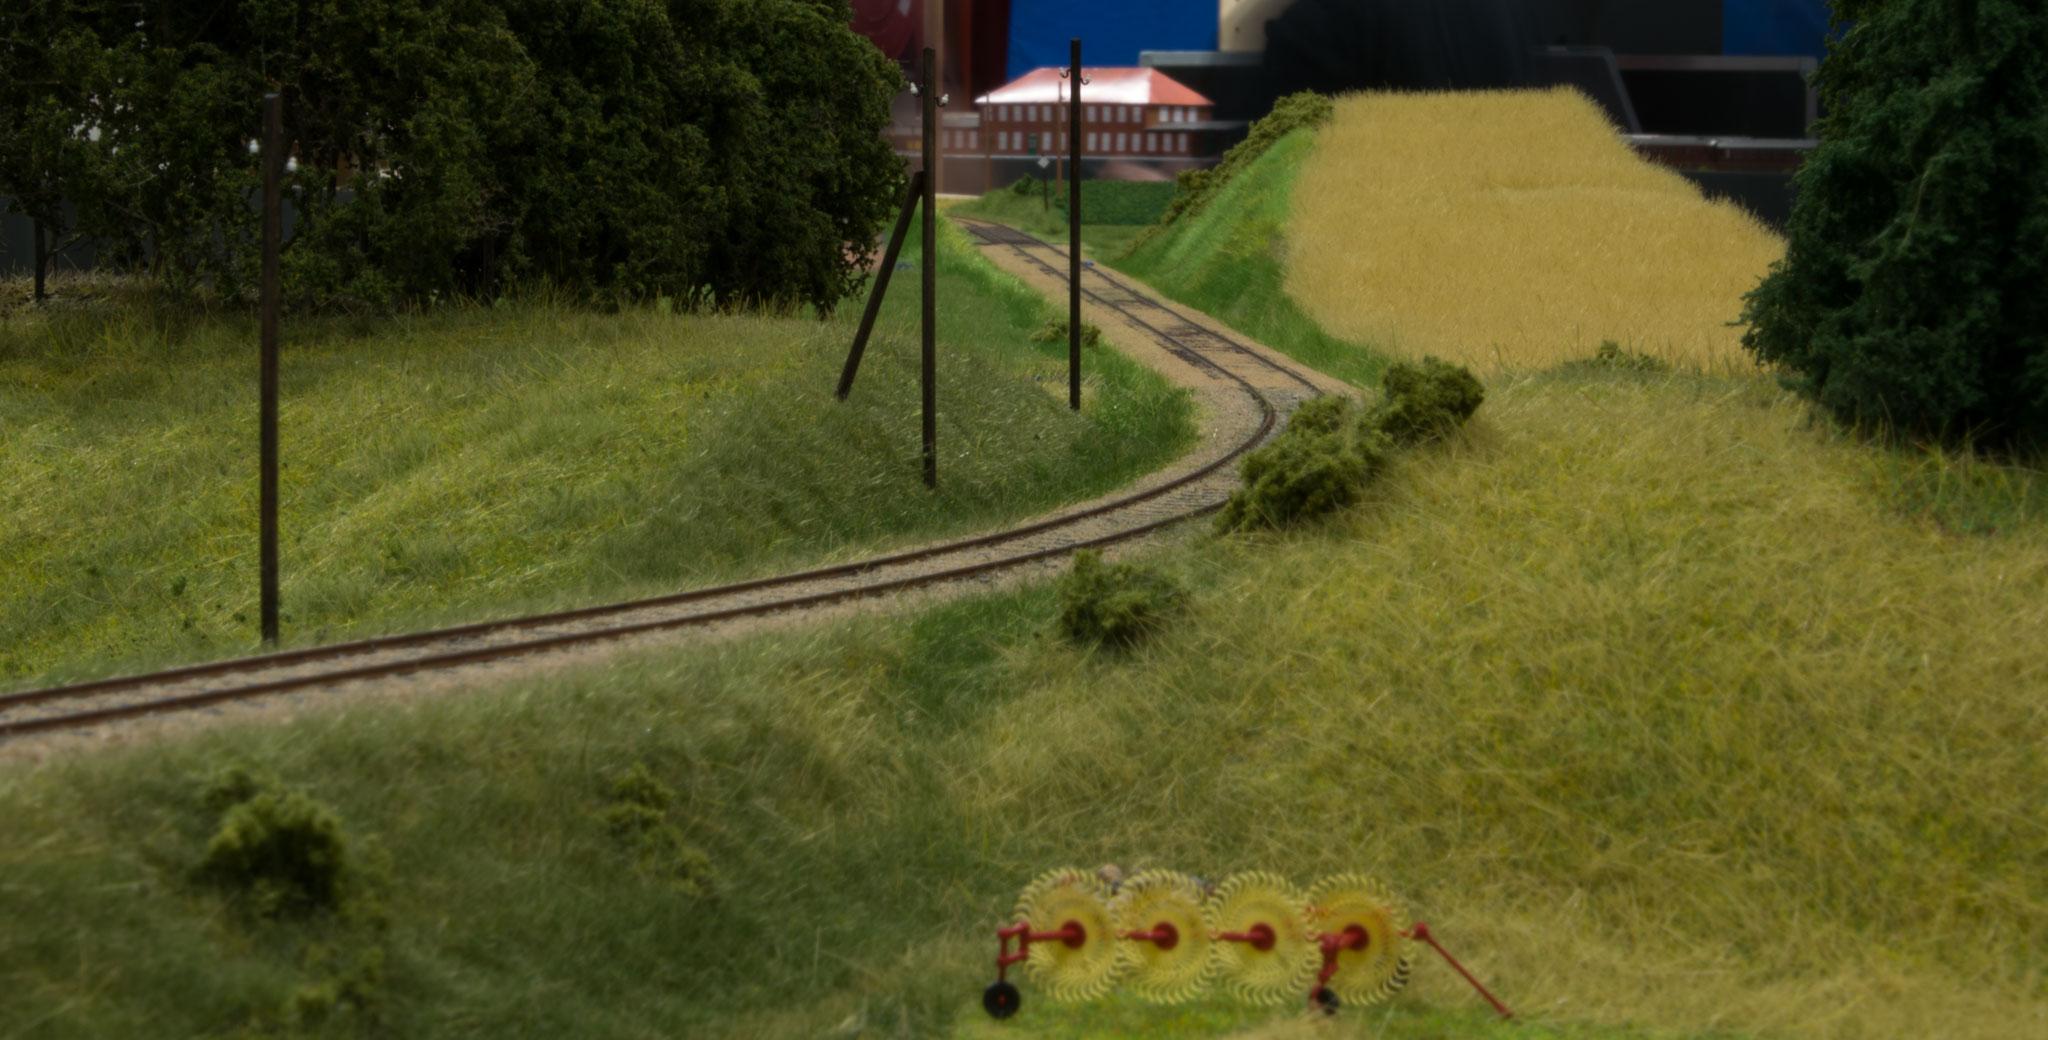 Ole Pedersens kurve på privatbanen har fået et løft med FREON træer